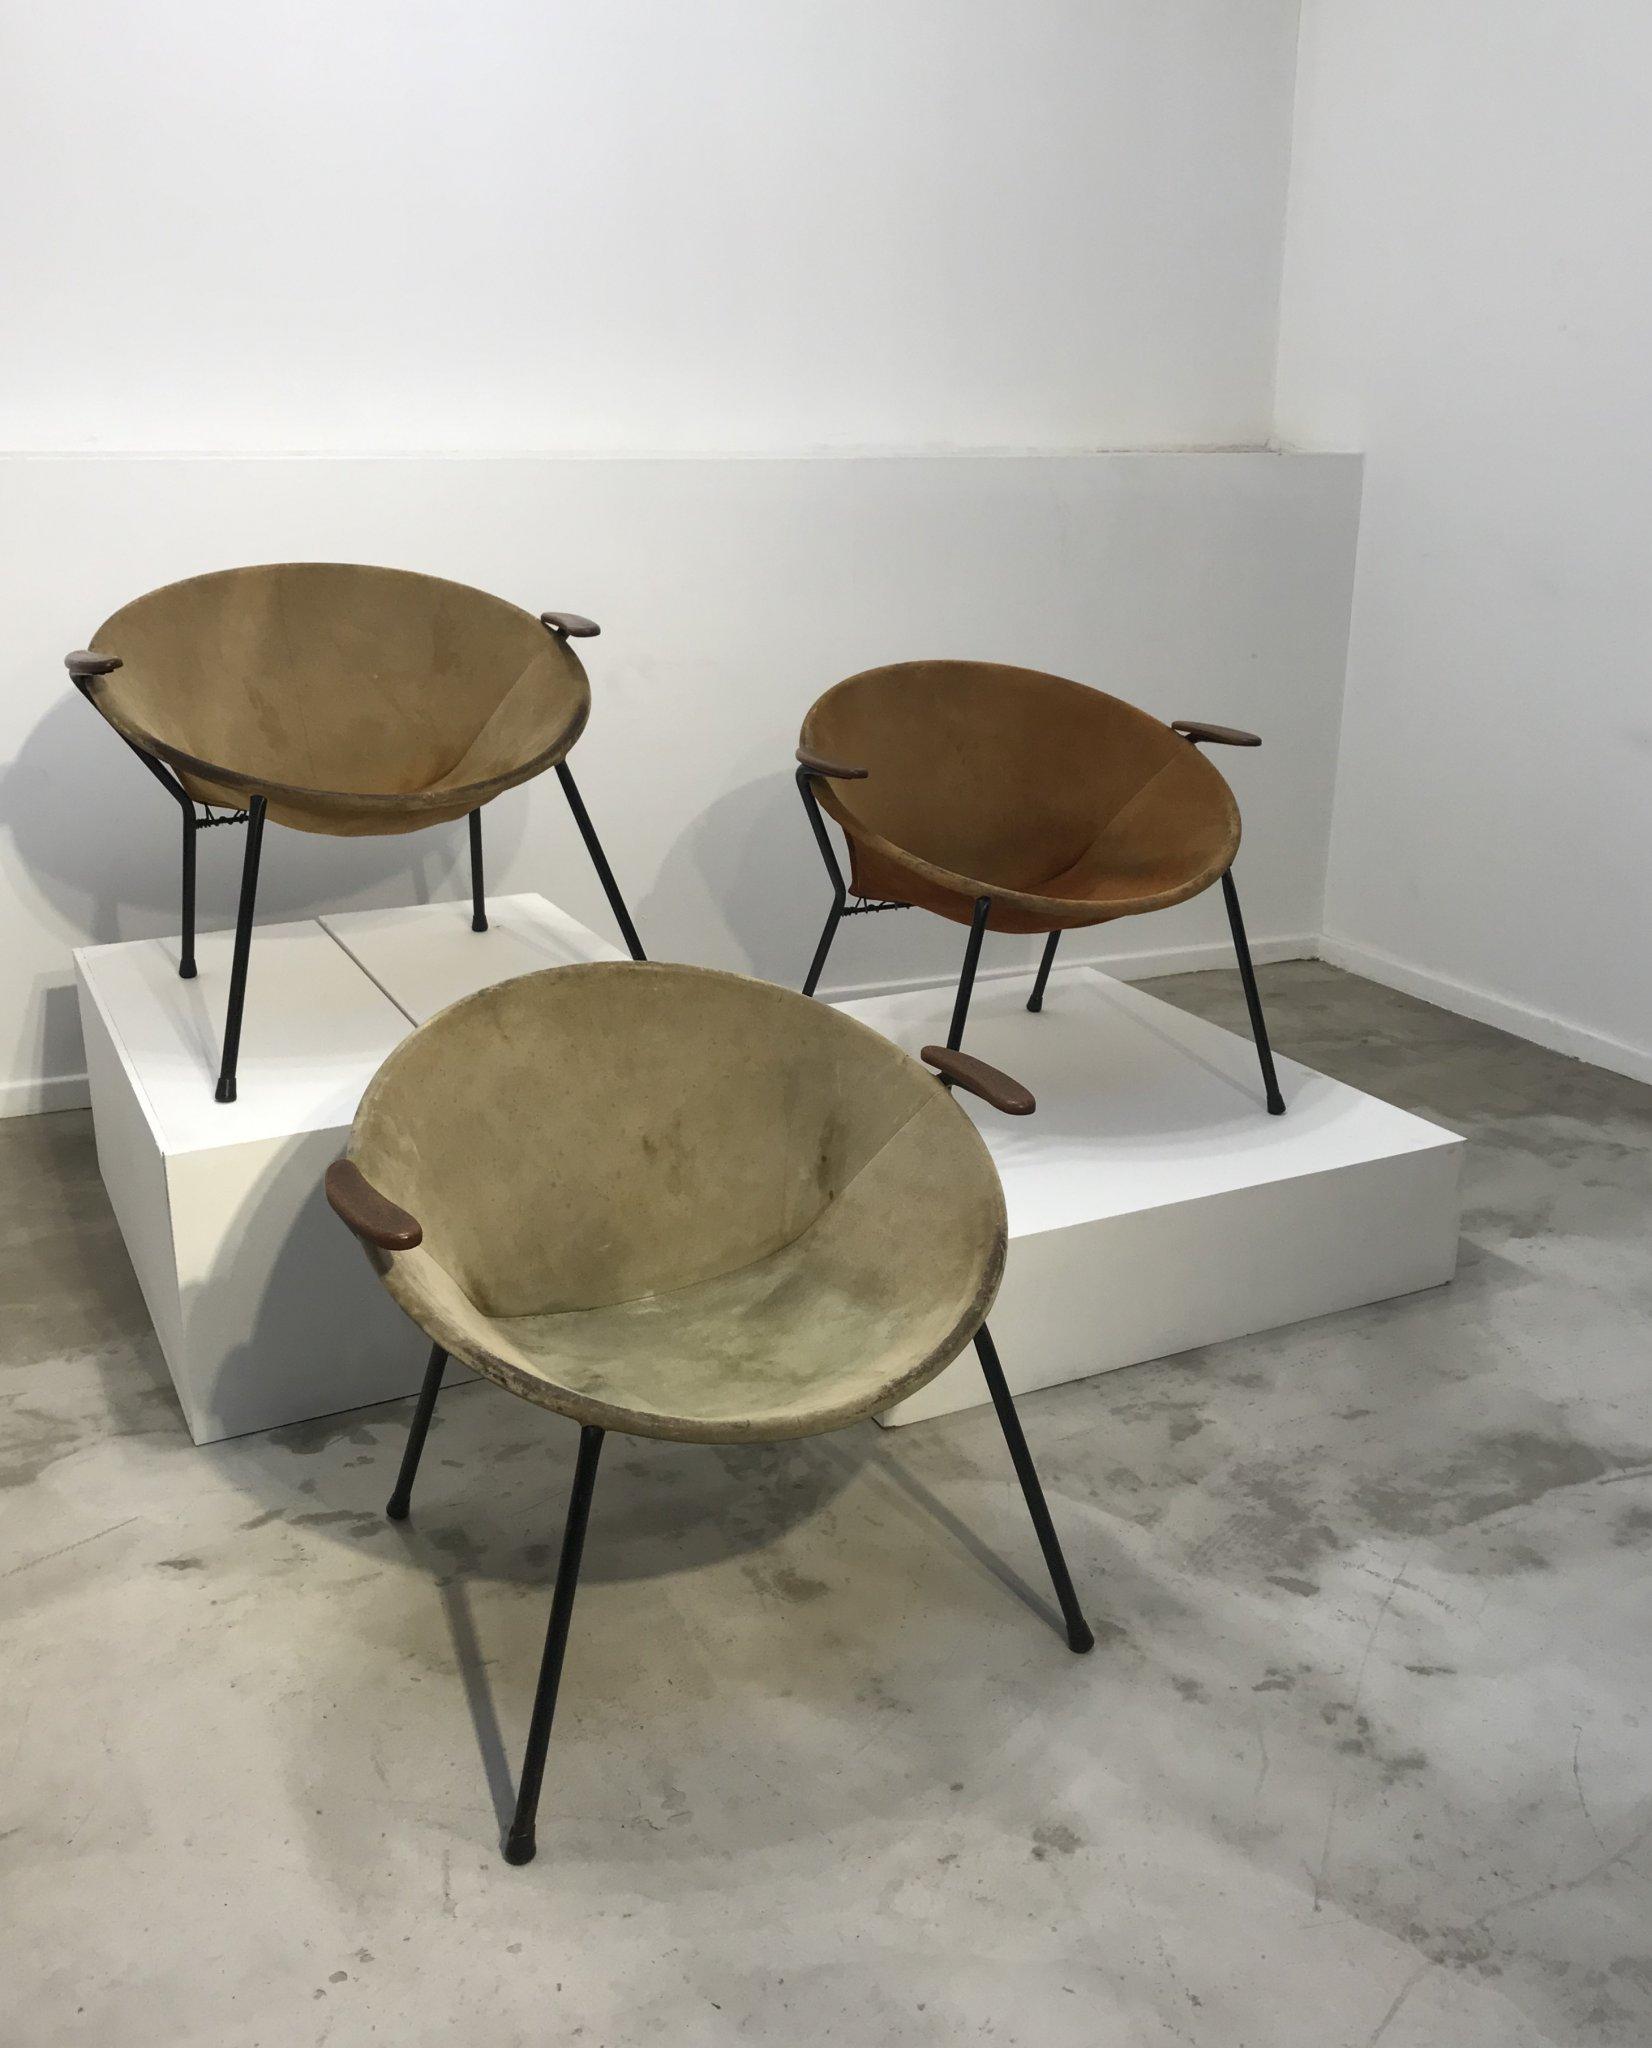 Set of 3 Hans Olsen Balloon chairs